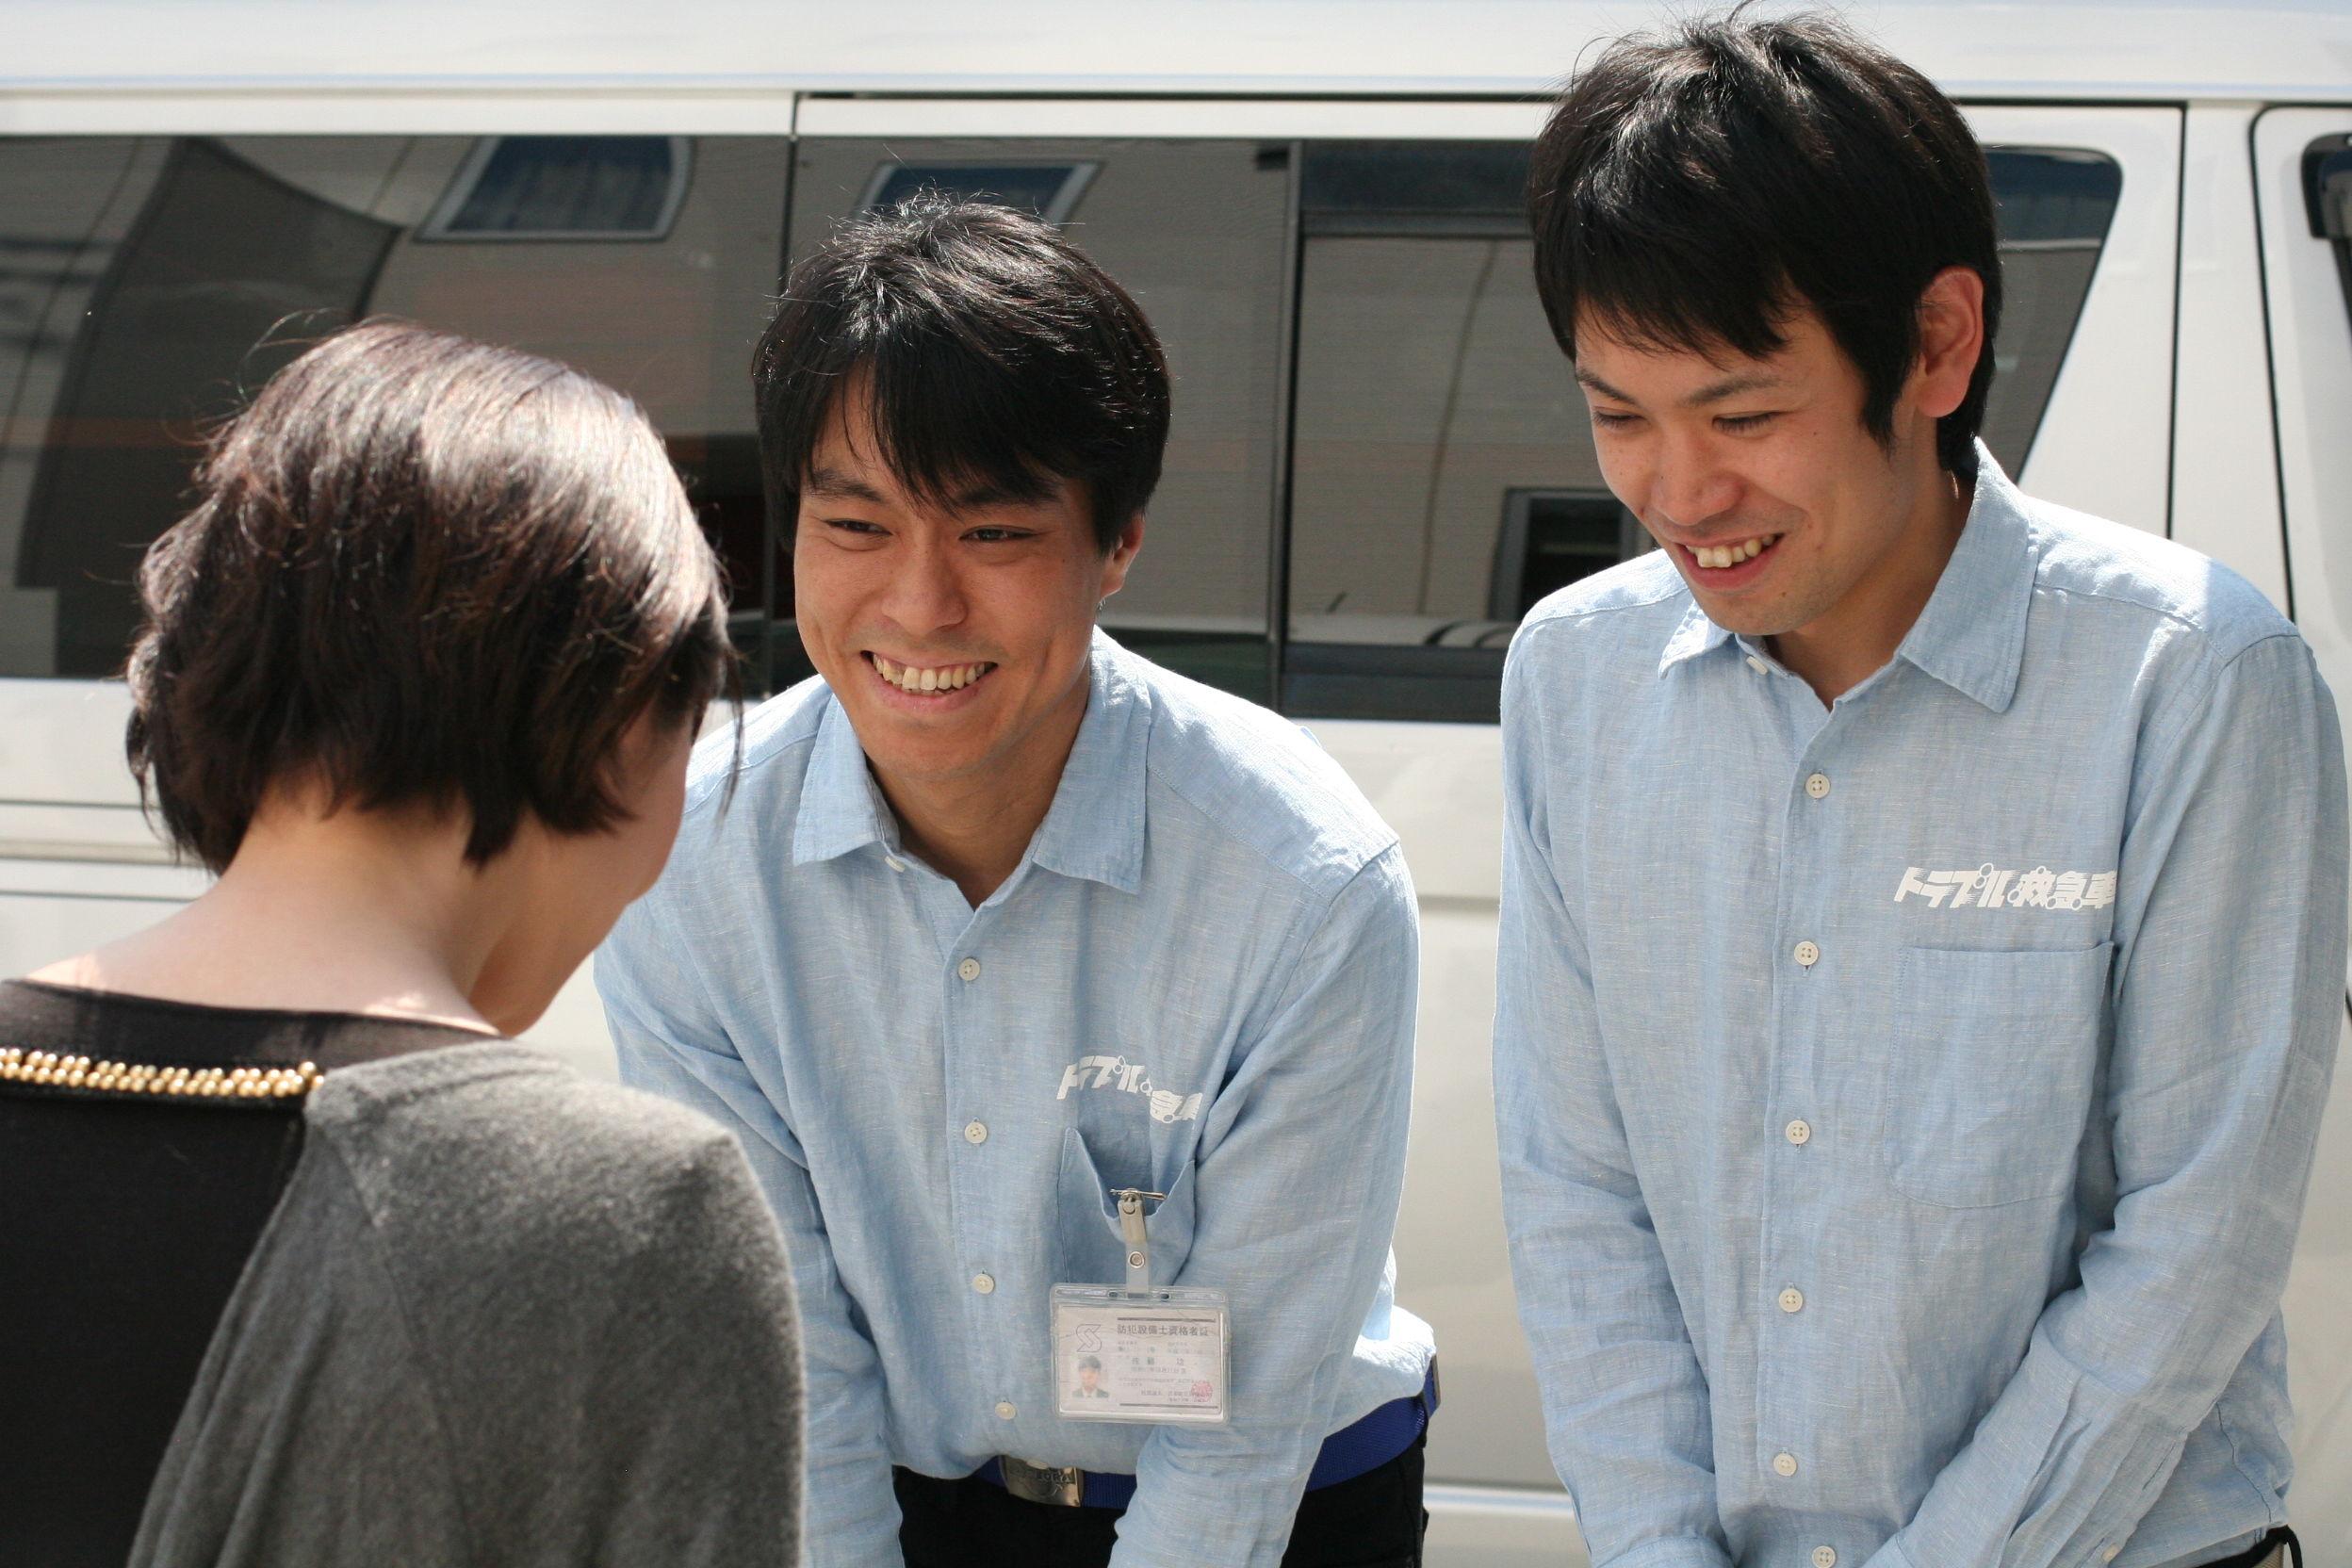 カギのトラブル救急車【安芸郡熊野町 出張エリア】のアピールポイント1